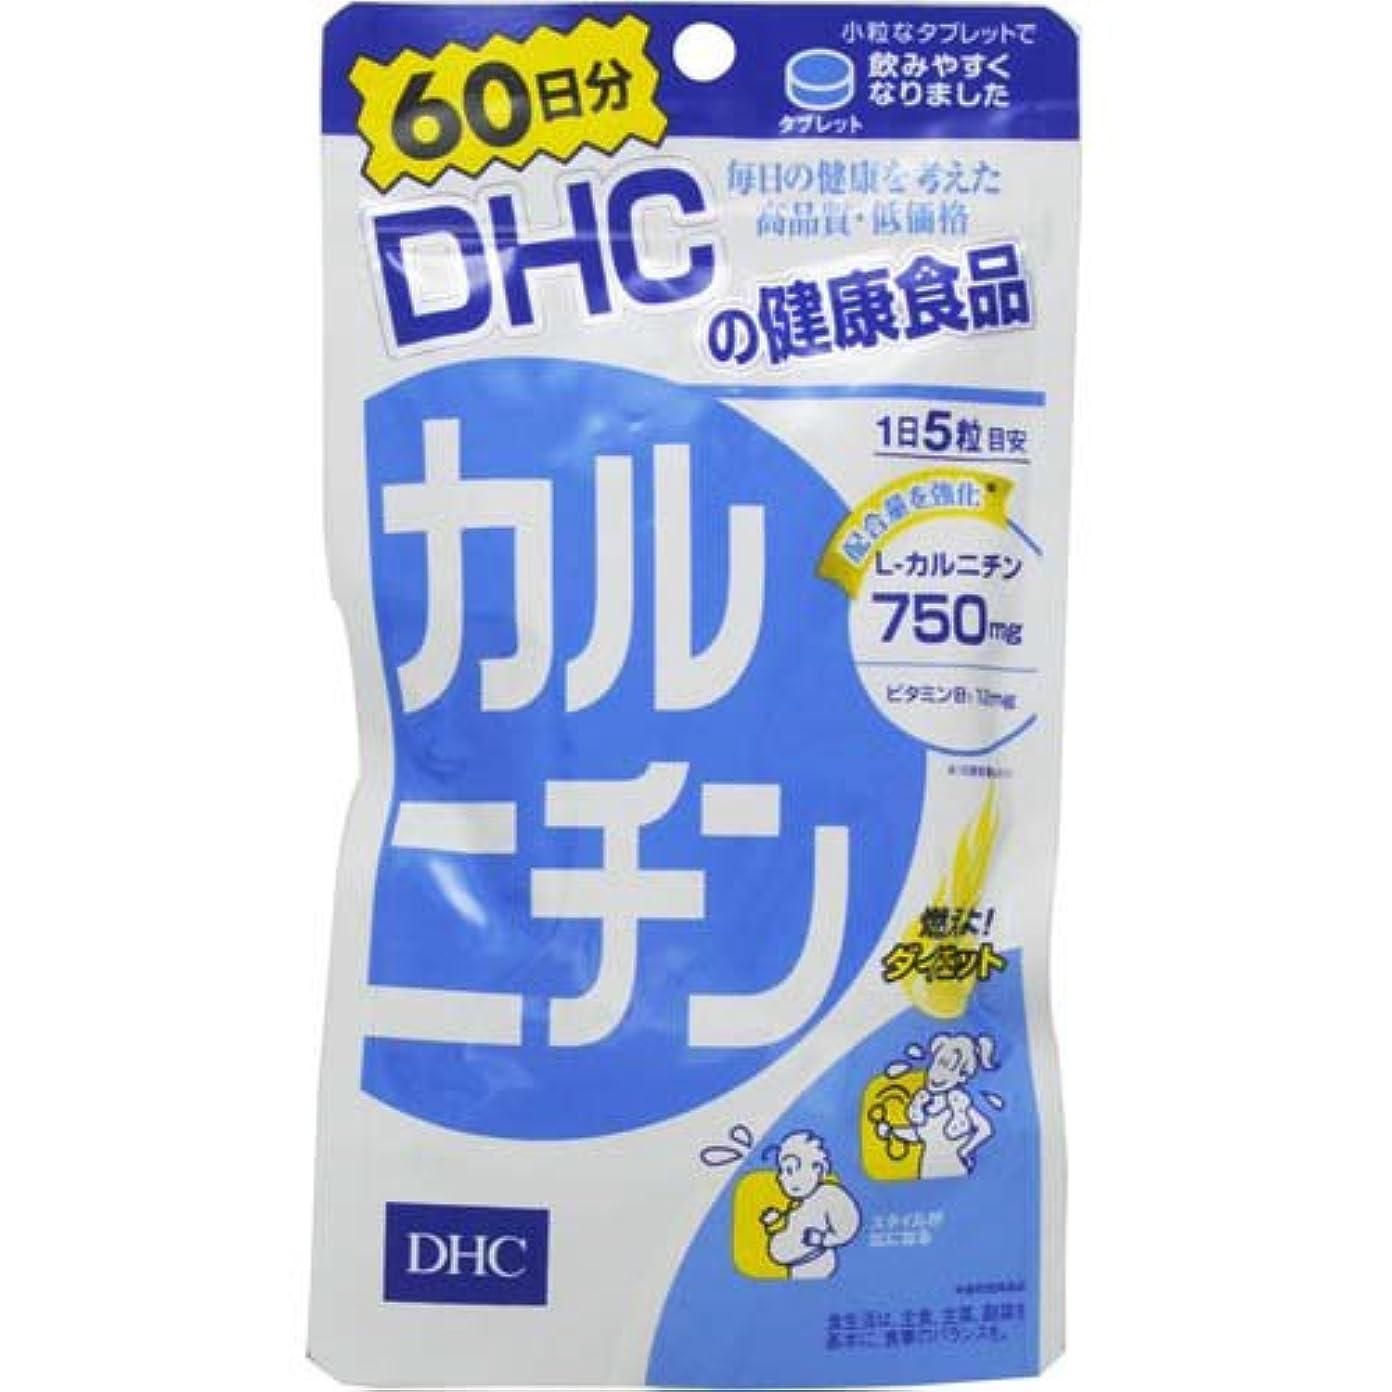 息切れミニマッサージDHC カルニチン 60日分 300粒